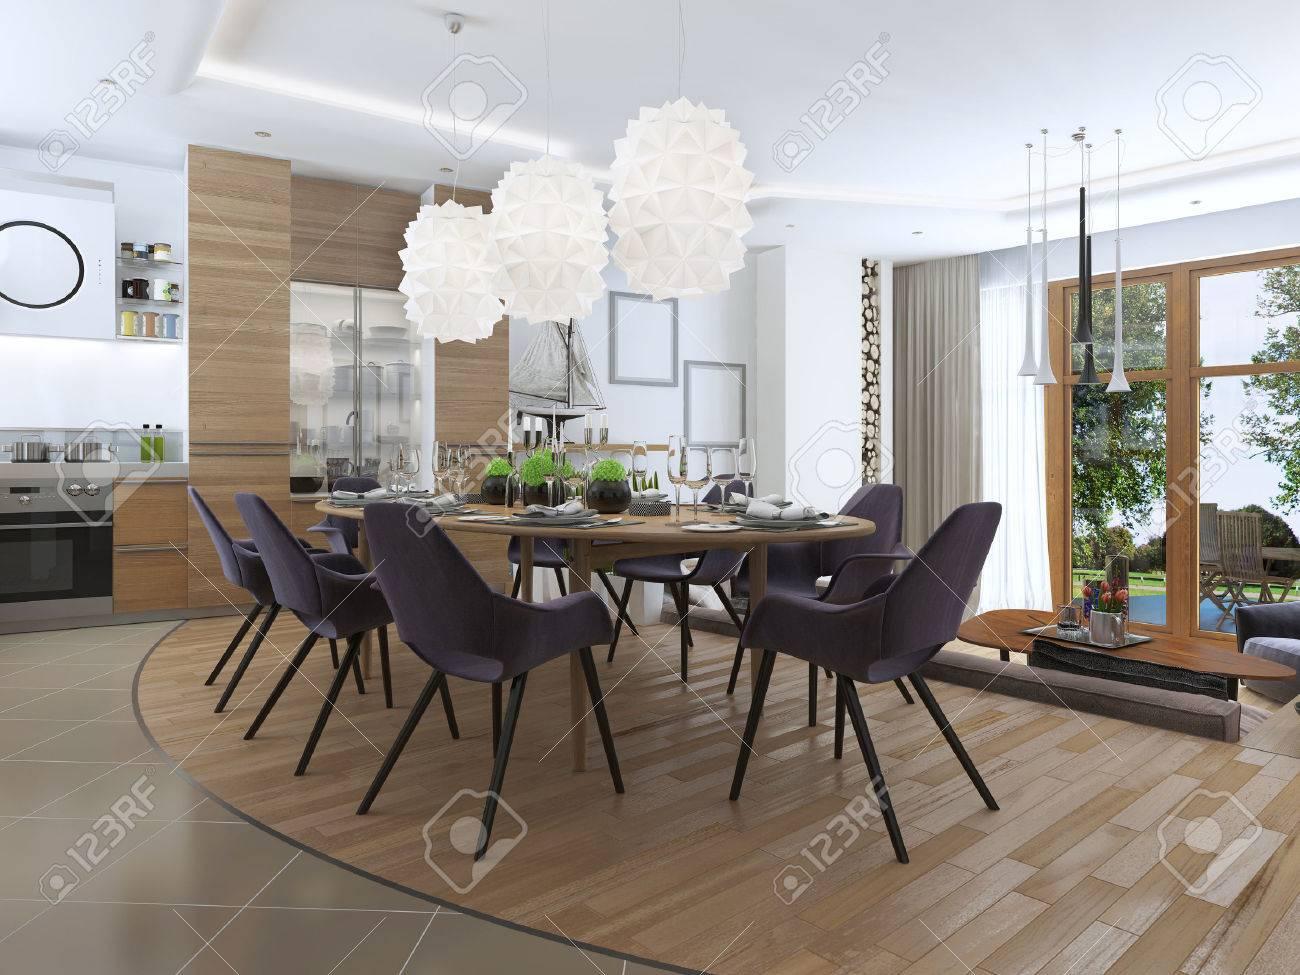 Moderne Wohnzimmer In Einem Loft Stil, Mischen Sanft In Die Küche Und  Esszimmer.